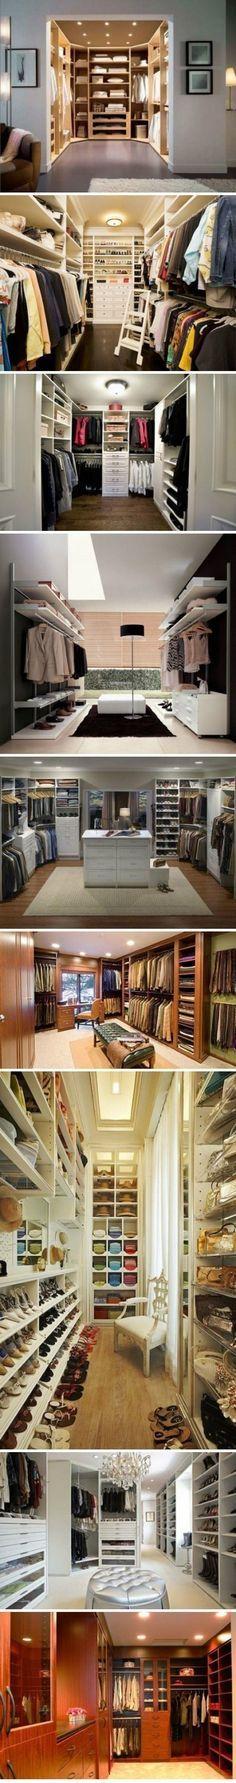 Idées d'aménagement closet